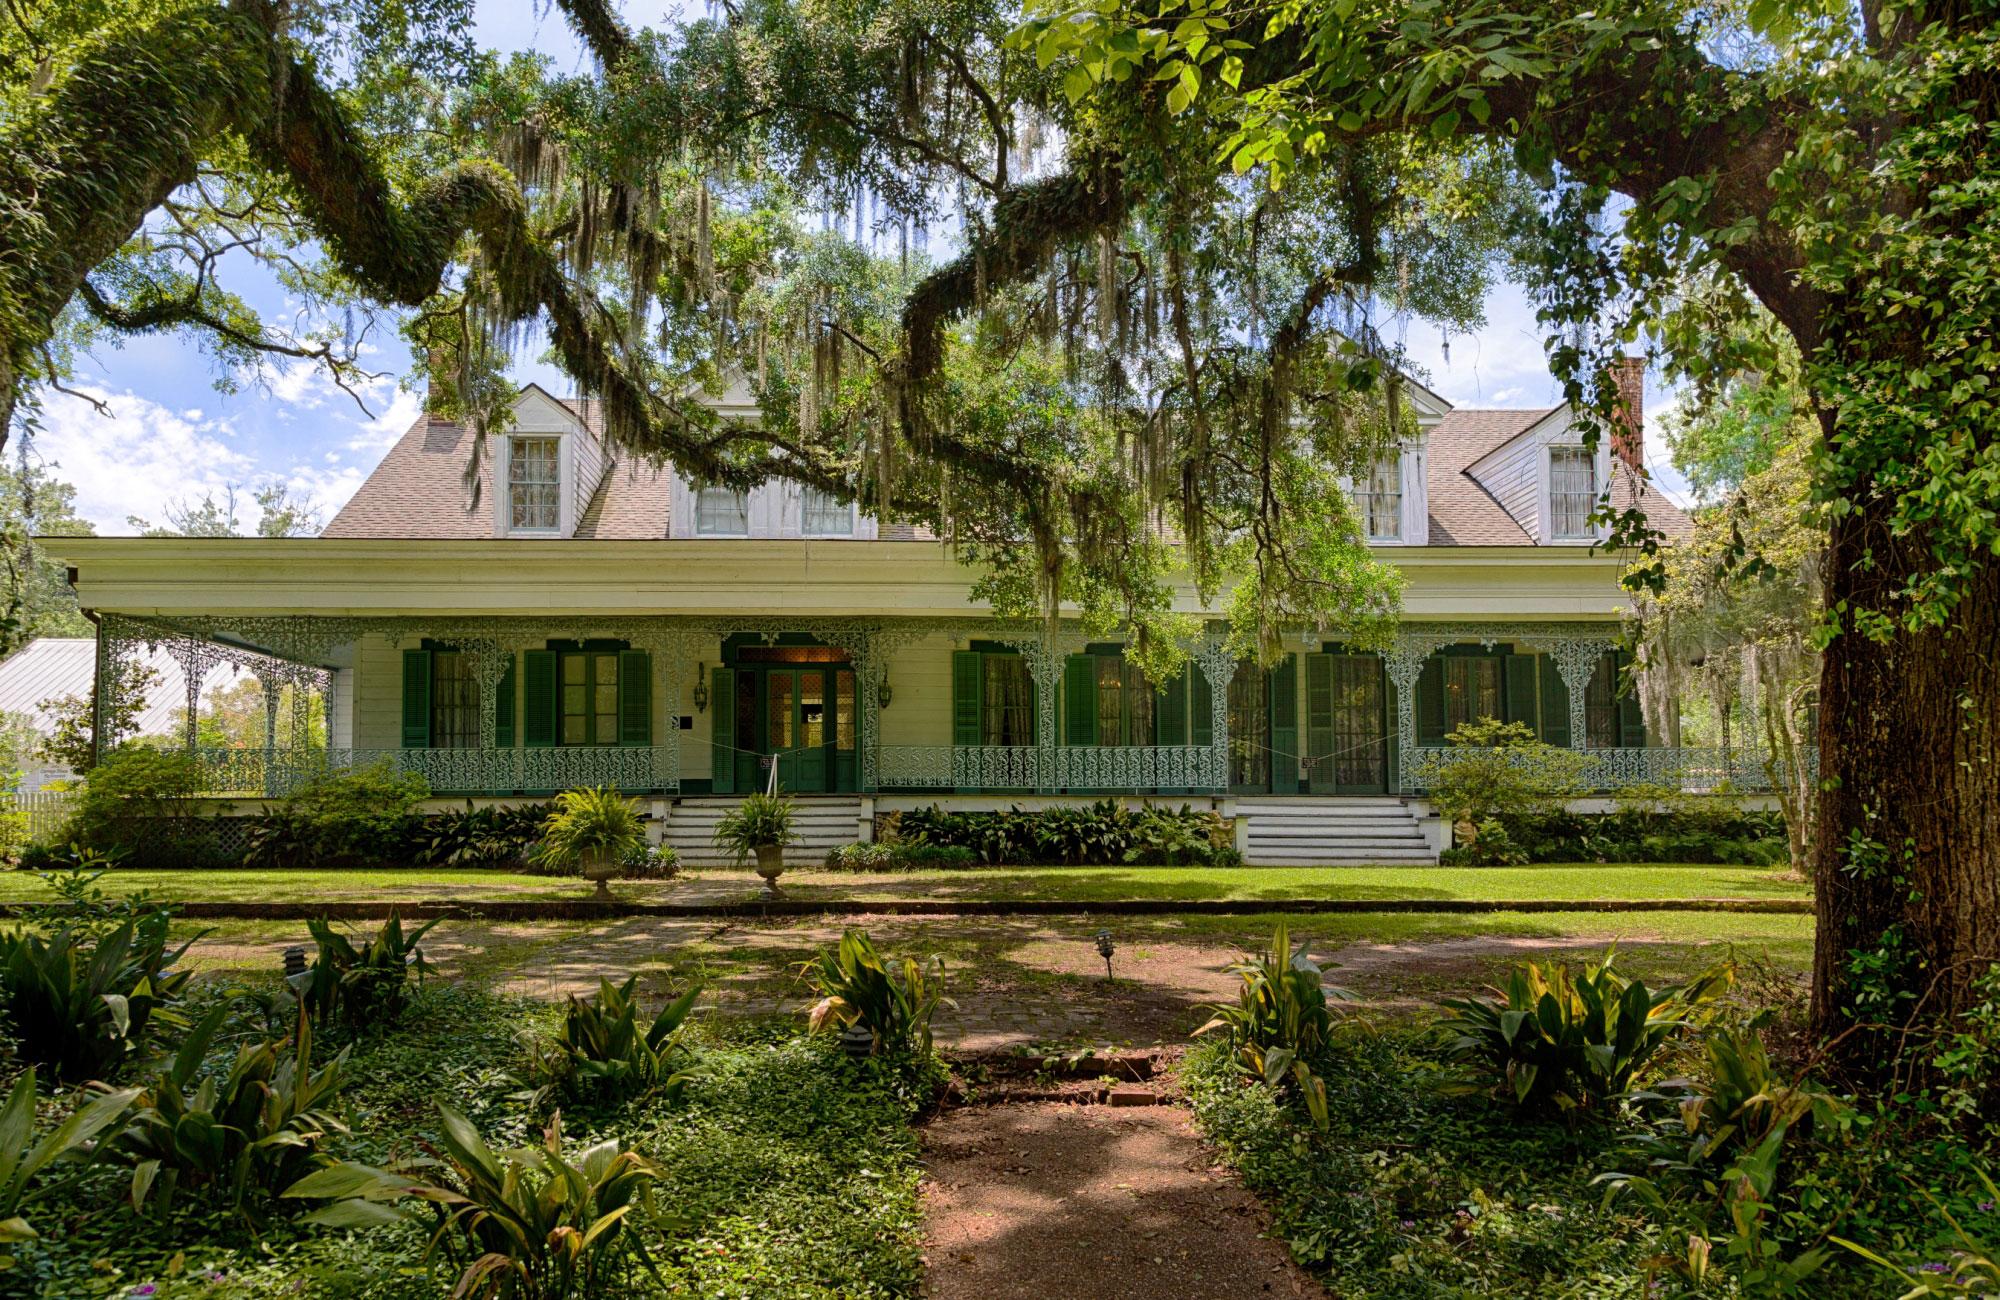 myrtles_plantation-credits-bogdan-oporowski-lieu-hante-nouvelle-orleans